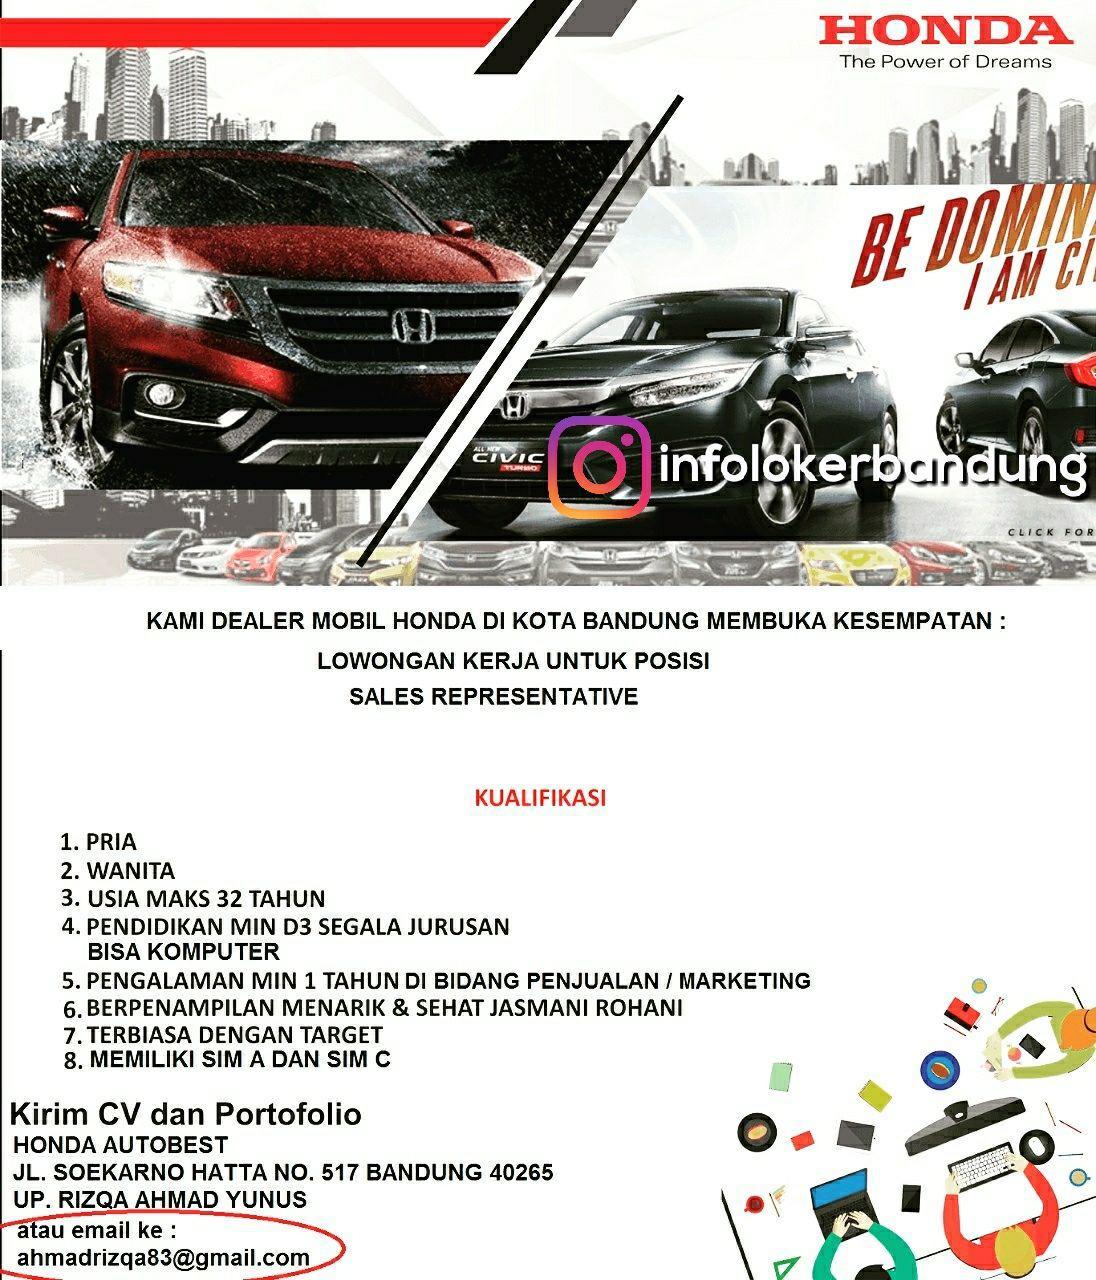 Lowongan Kerja Honda Autobest Soekarno Hatta Bandung November 2017